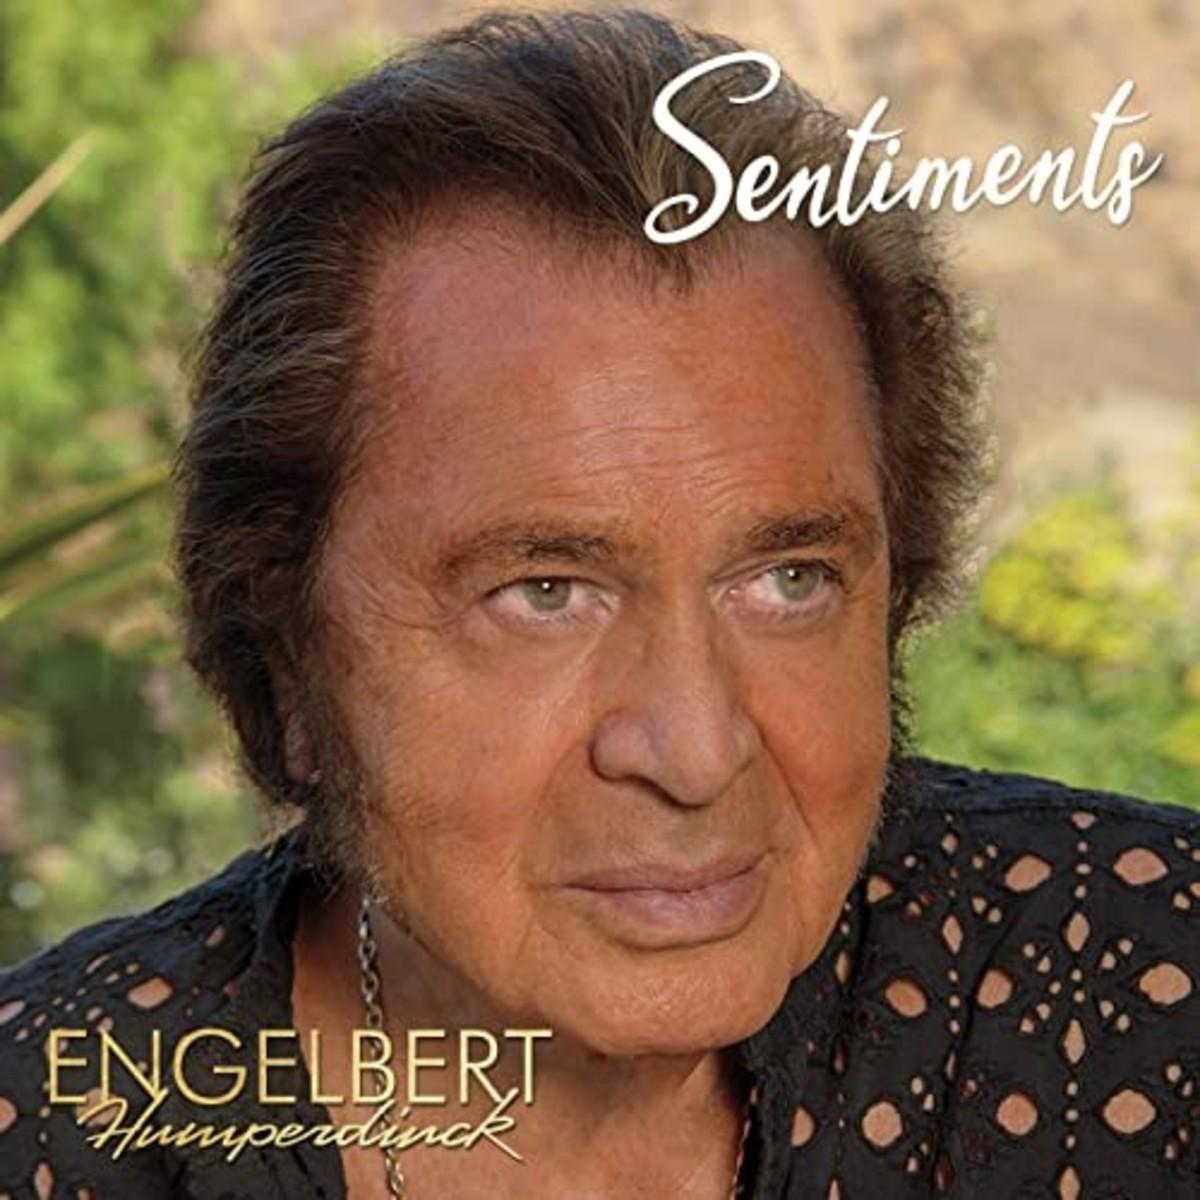 Engelbert Dec 2020 Sentiments